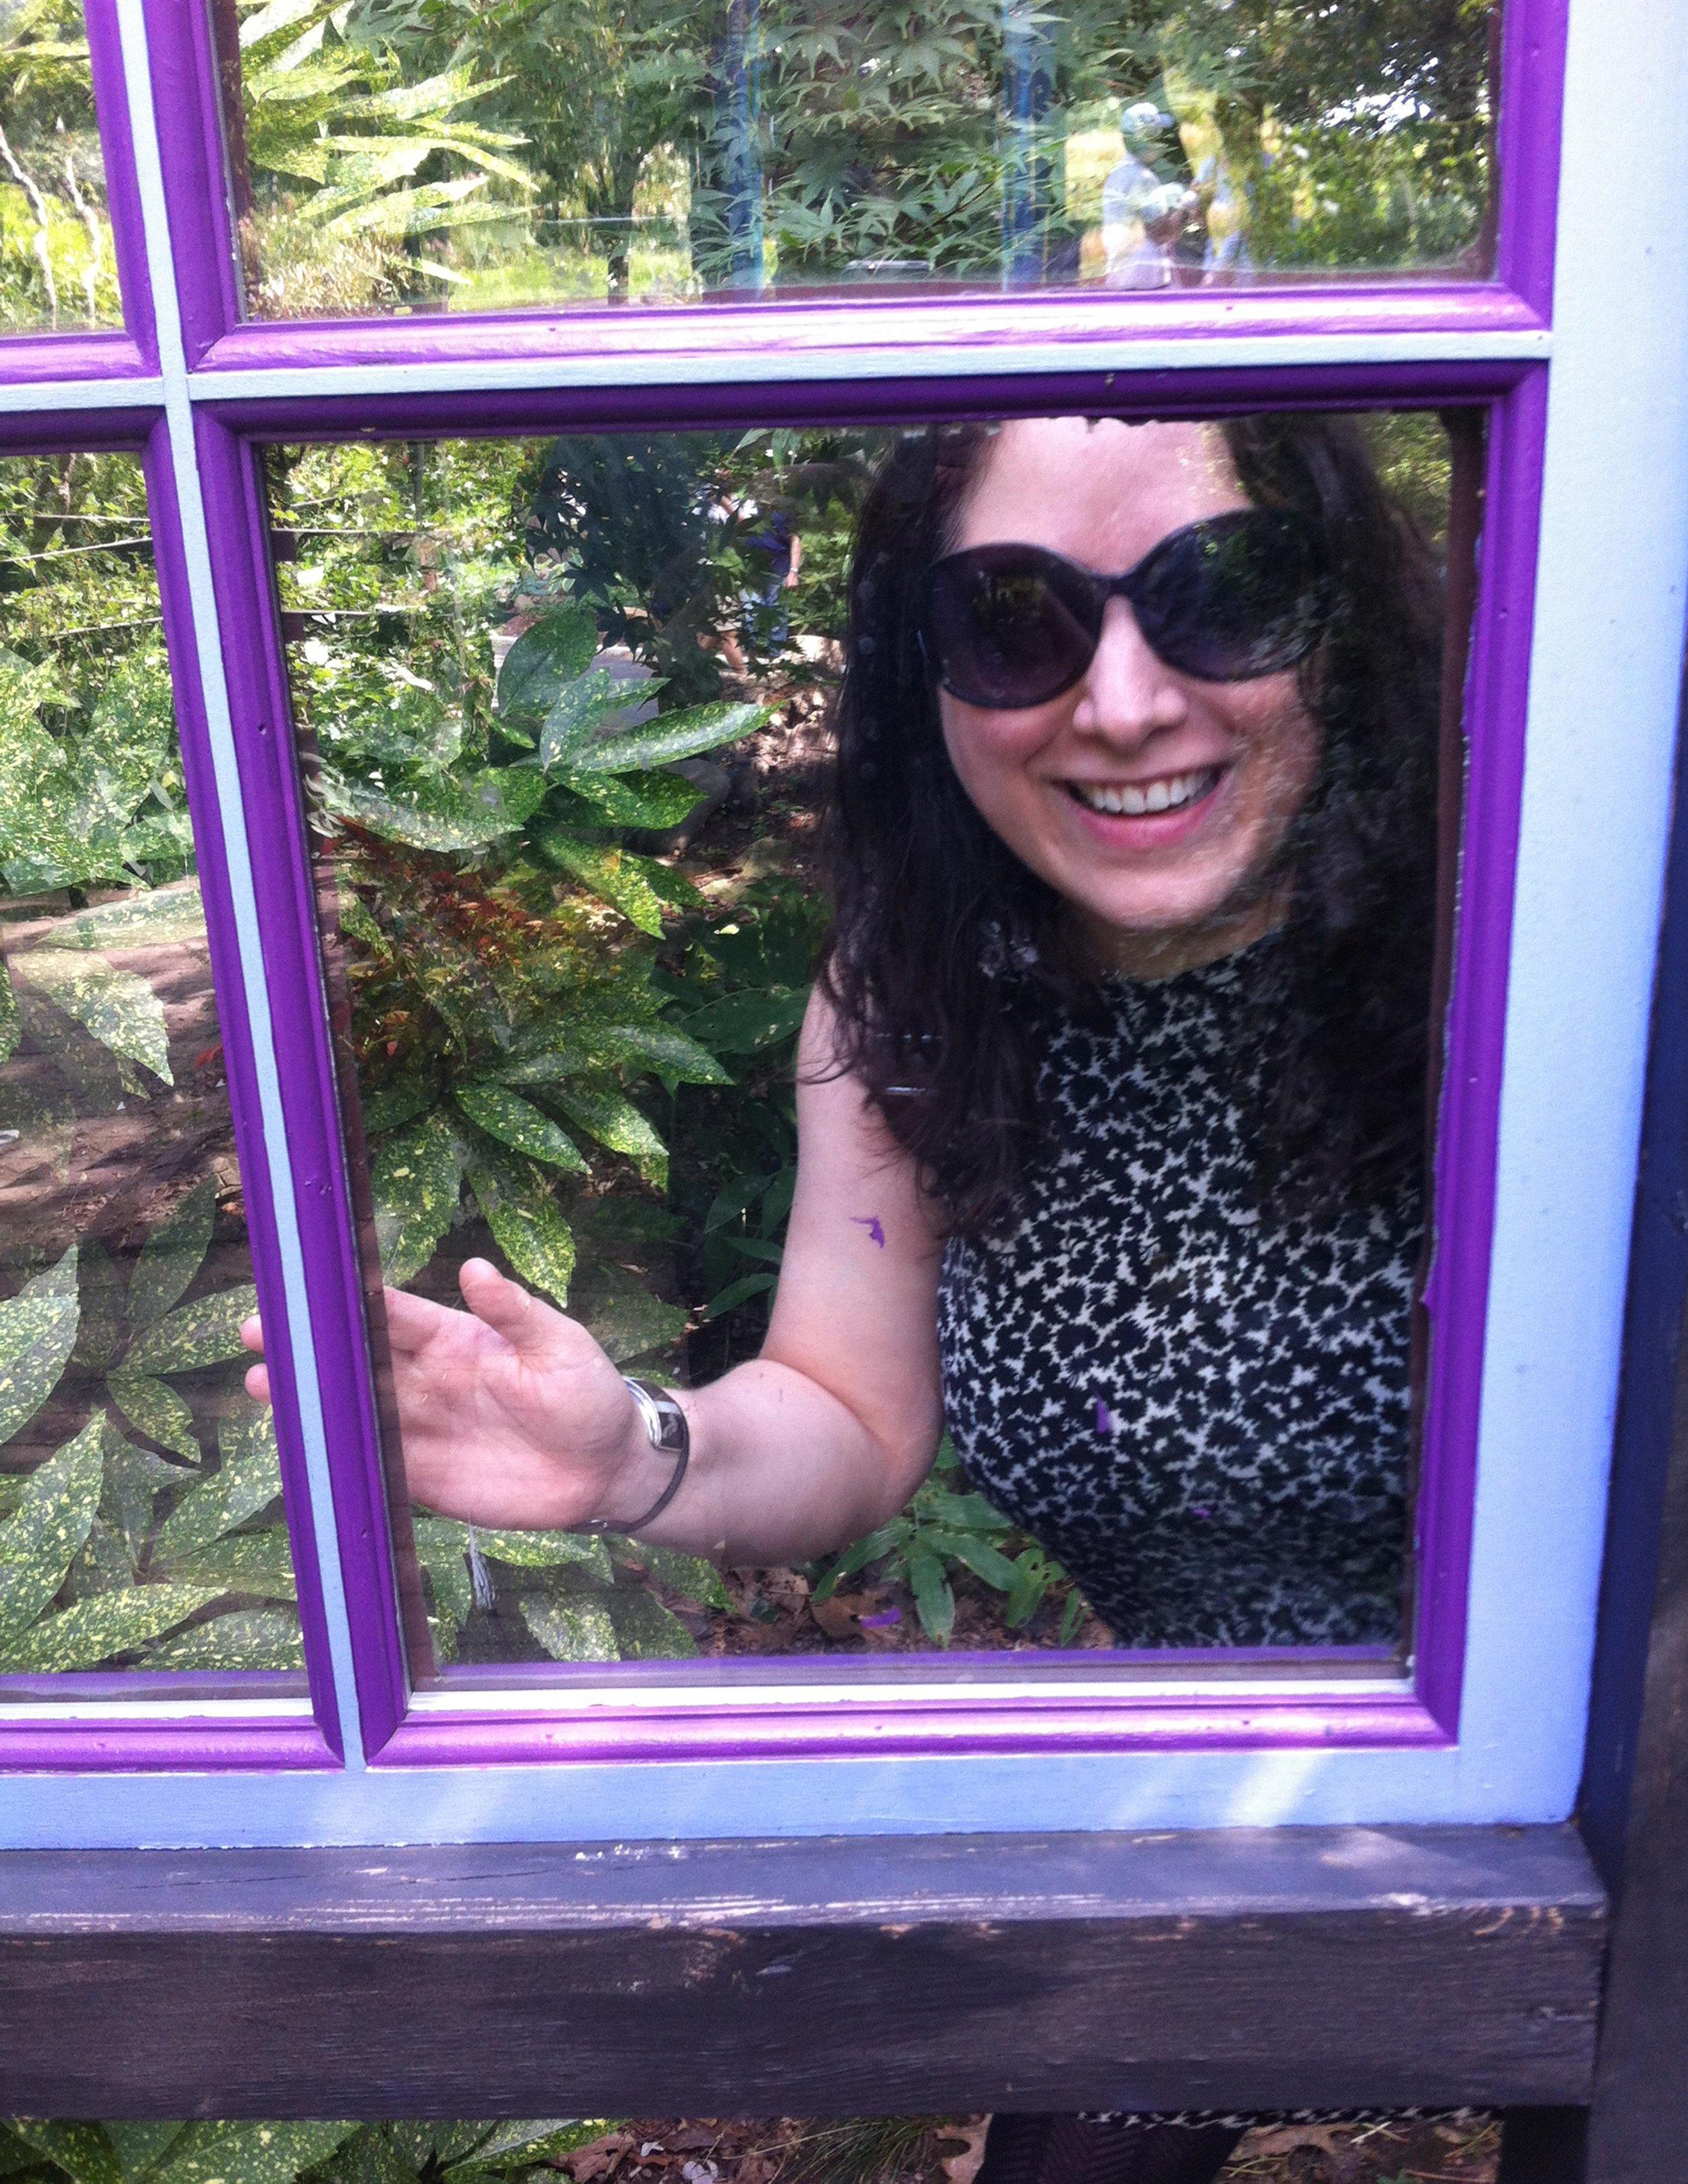 Goofing around in Queens Botanical Gardens